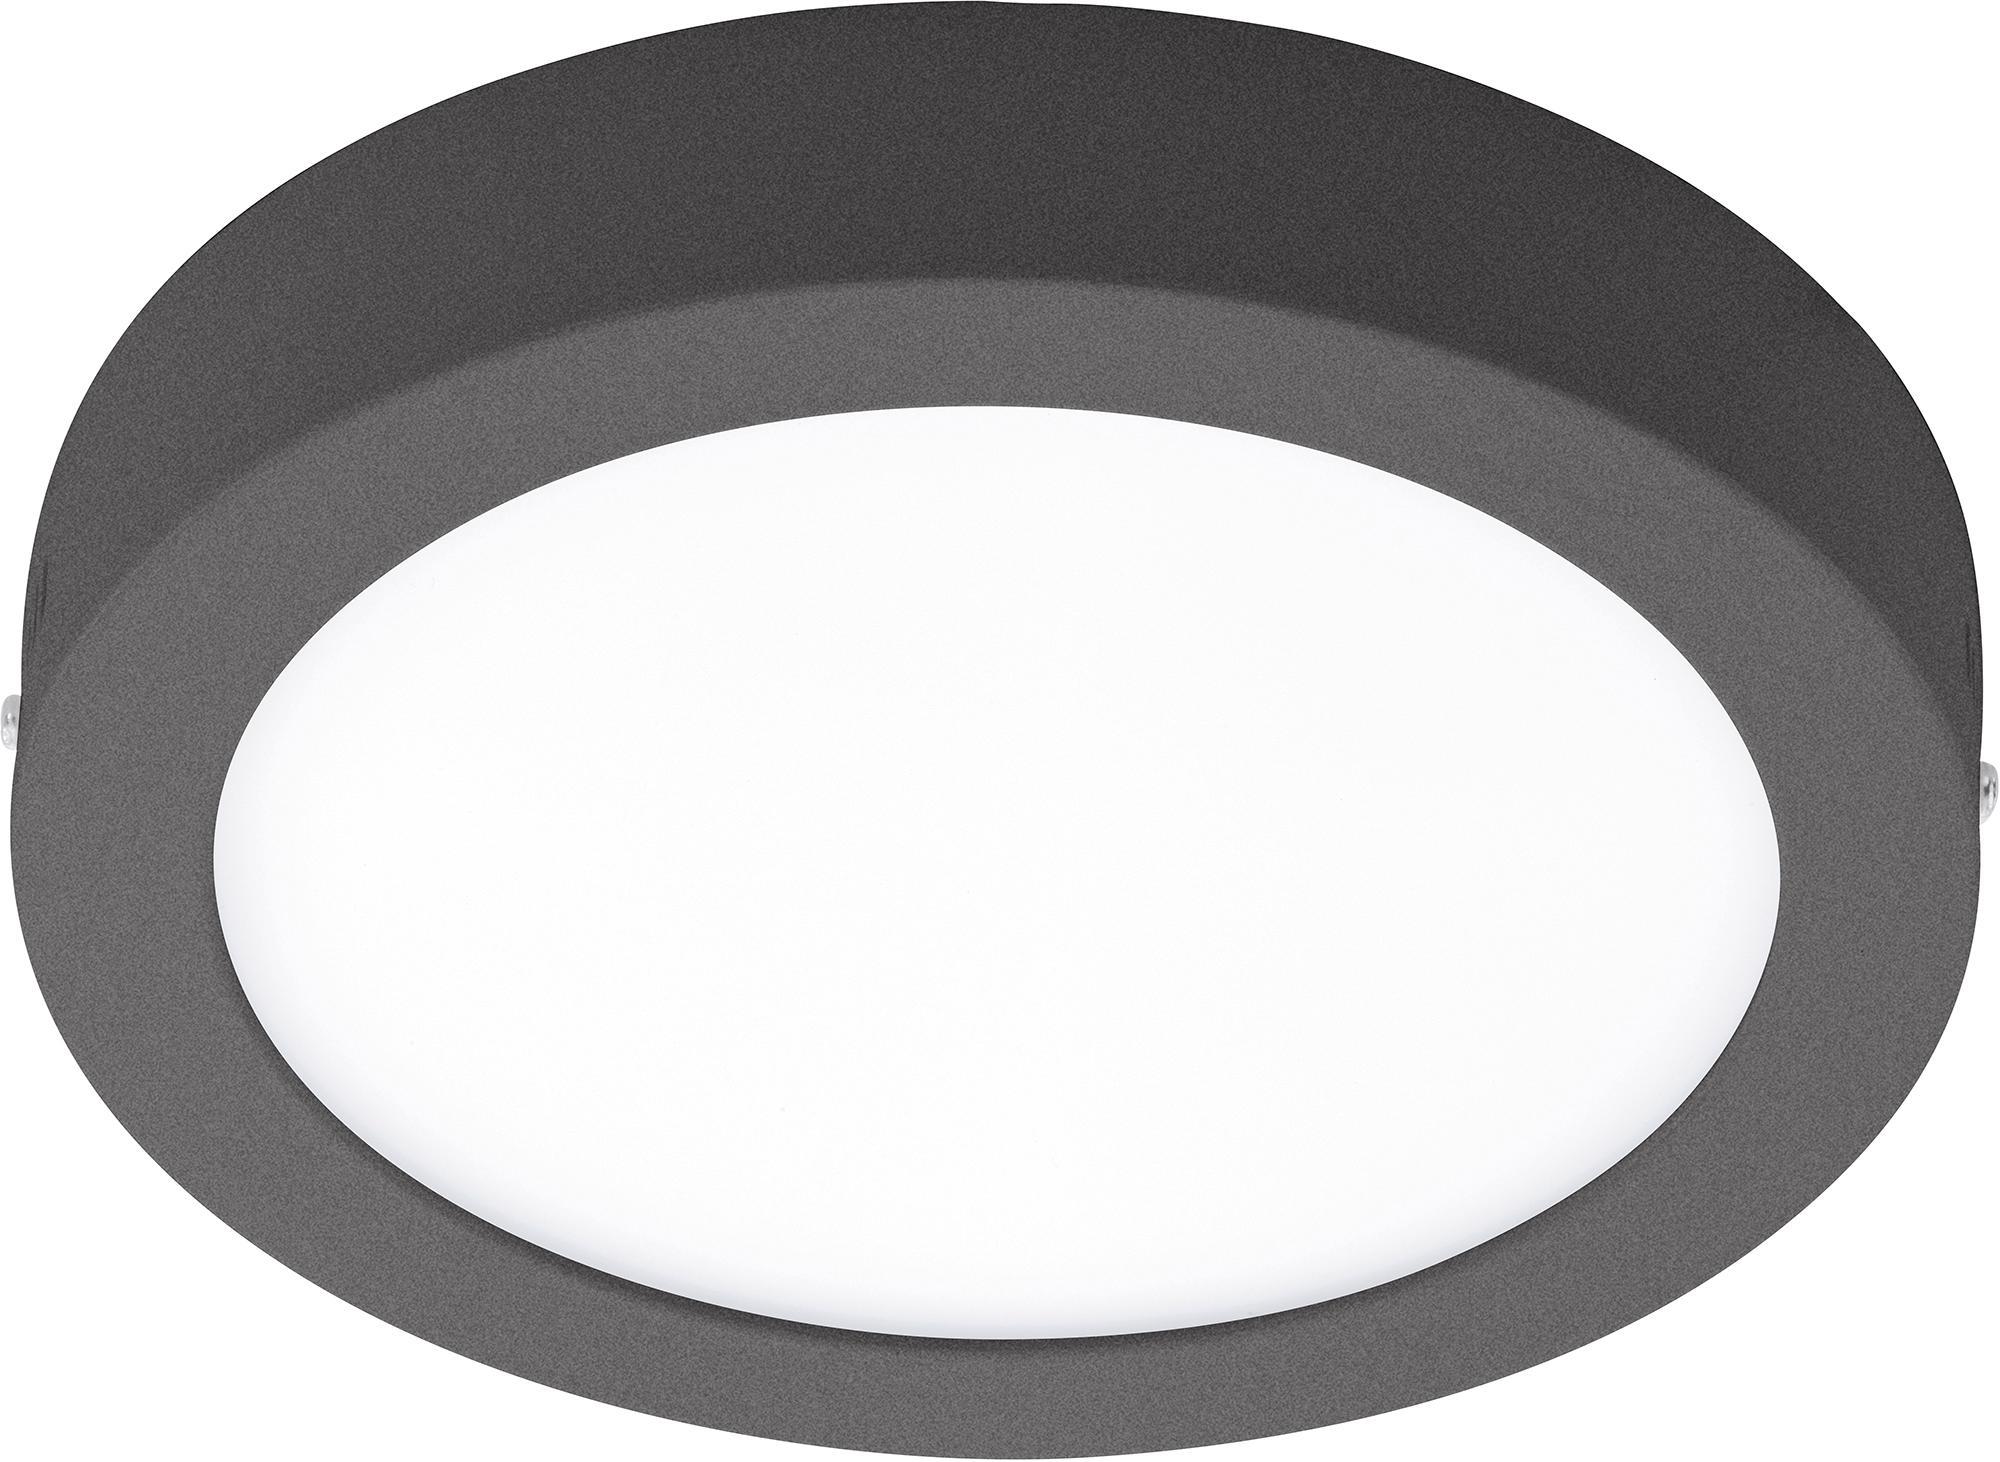 EGLO LED Außen-Deckenleuchte ARGOLIS, LED-Board, Warmweiß, rund